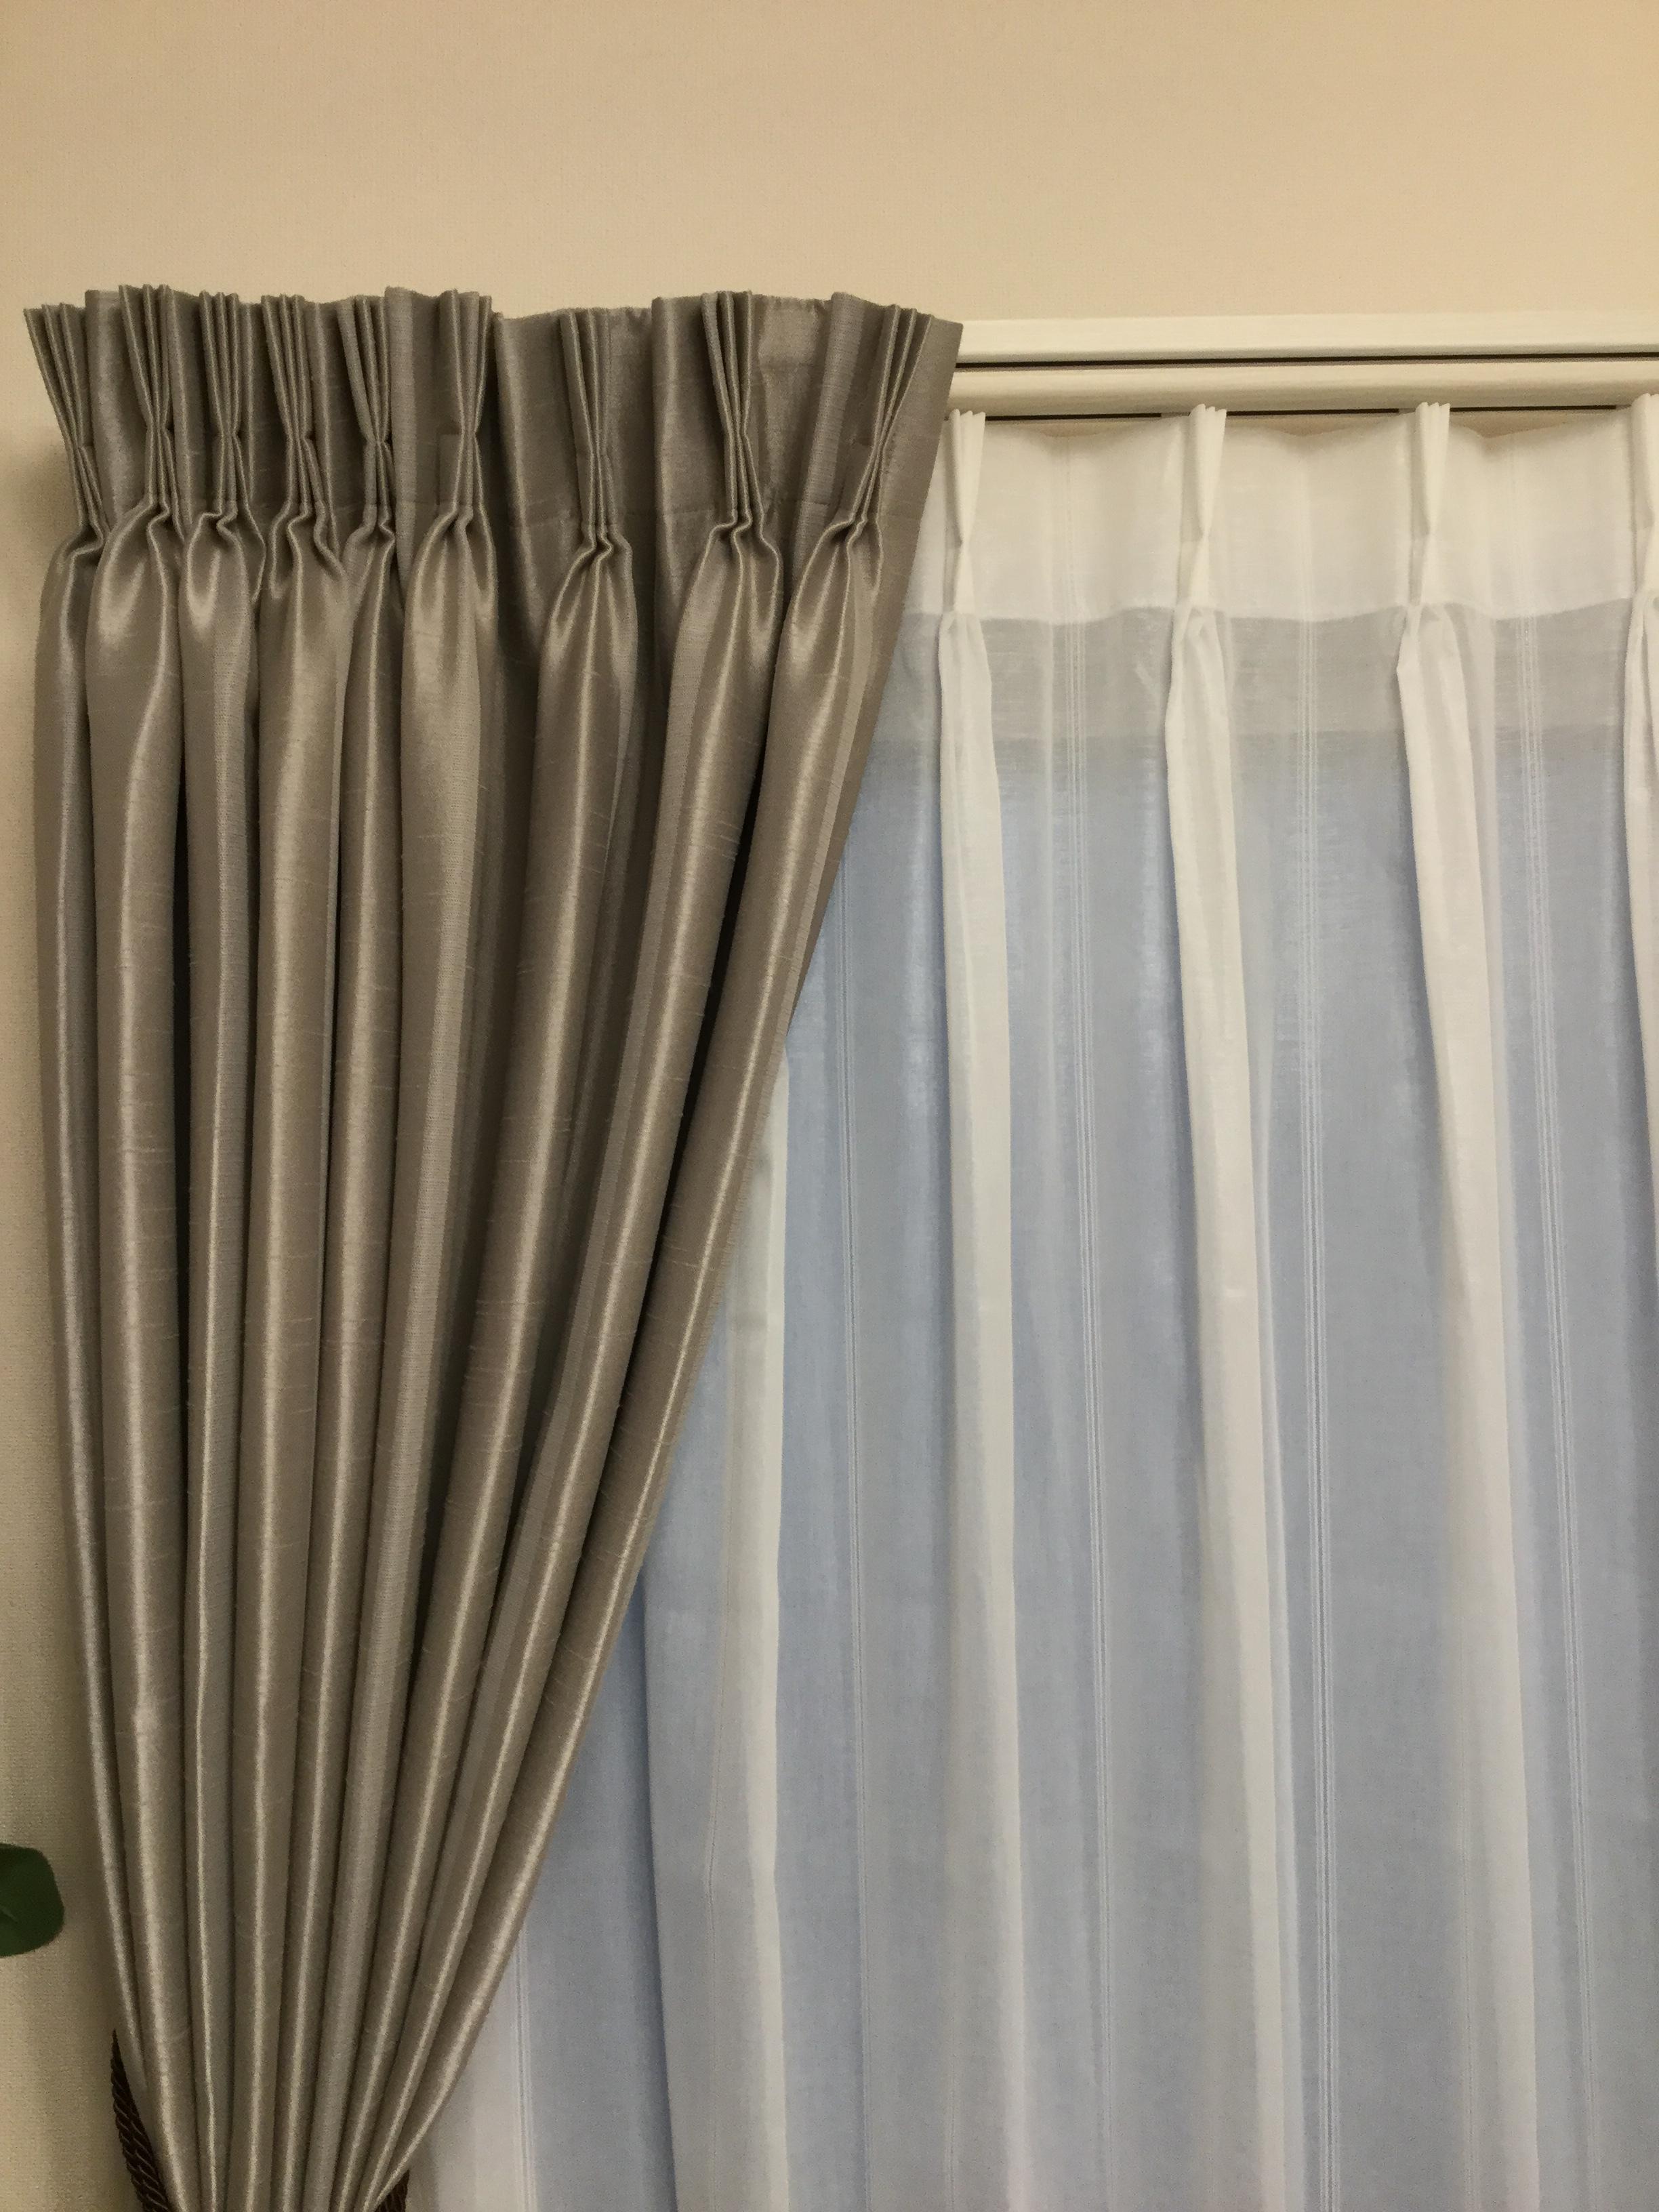 一戸建てにぴったりな11窓分のカーテンパッケージです。どの生地を選んでもワンプライスの35万円(税抜)で窓回りに必要な物が揃います。含まれる物(両開きスタイル:カーテンレール、ドレープ、レース、房かけ、共布タッセル又は装飾経タッセル(リビングのみ)) ※シングルシェード、ブラインド、ロールスクリーンも組み合わせ自由です。